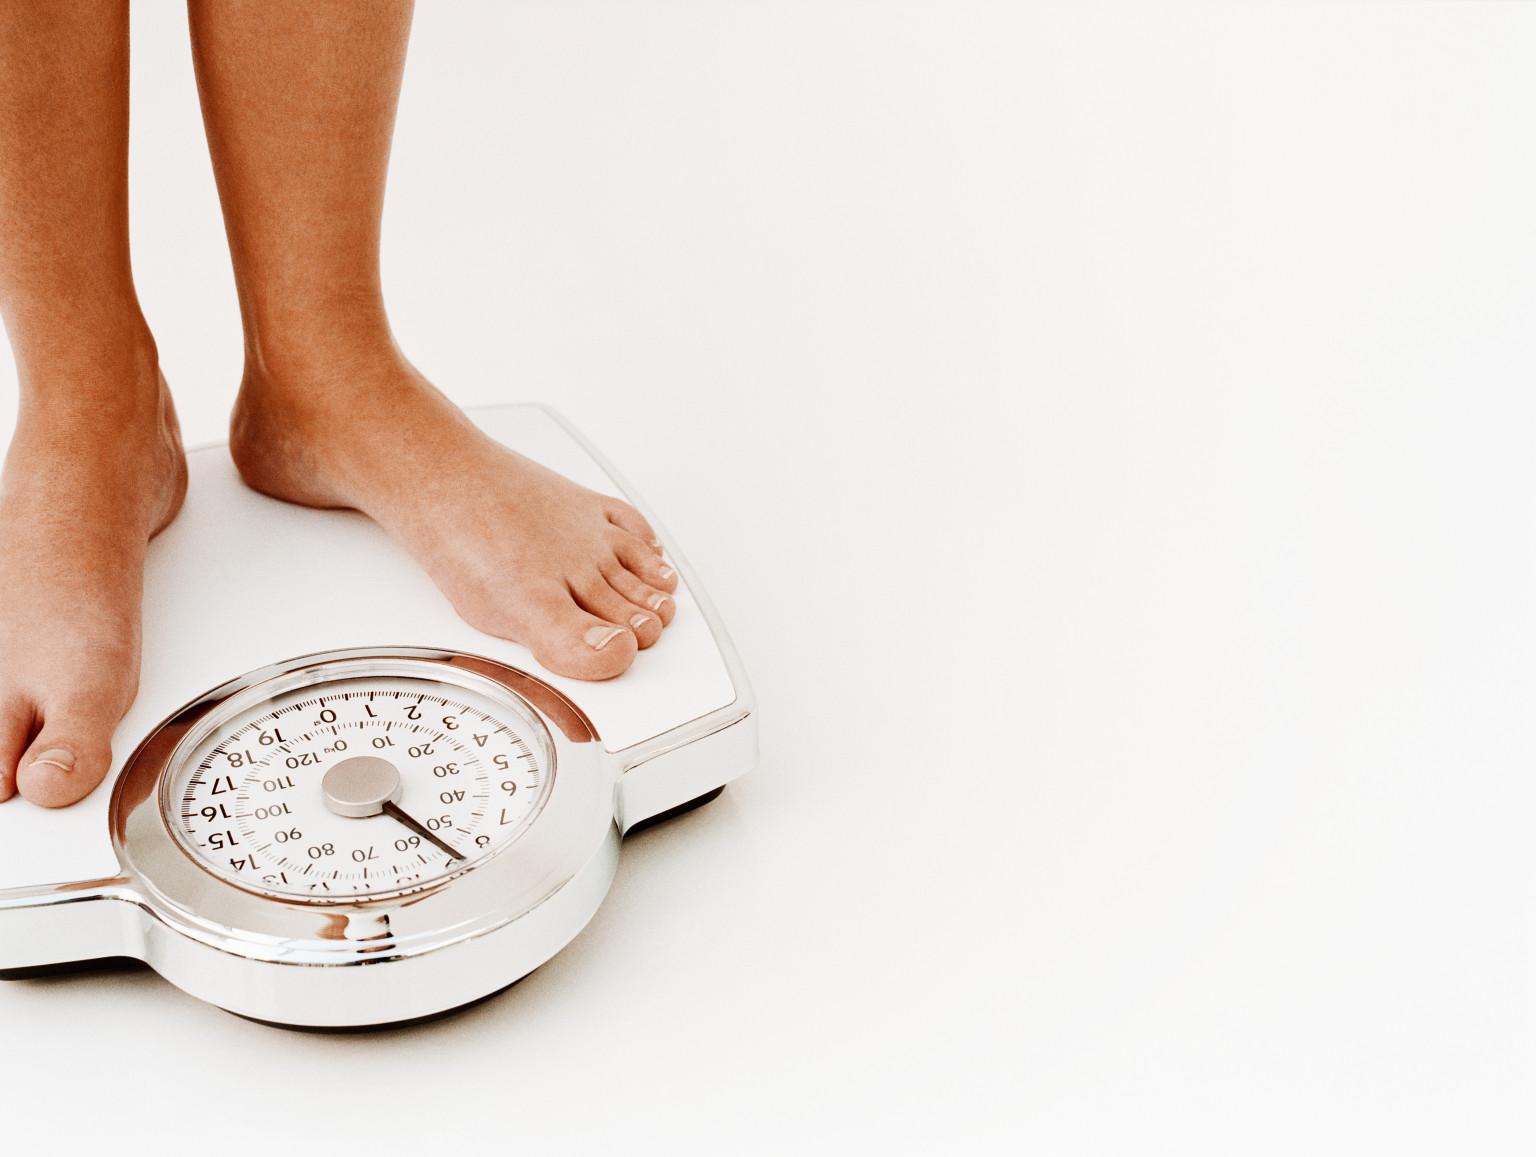 dienos sveikatos patarimai, kaip numesti svorio